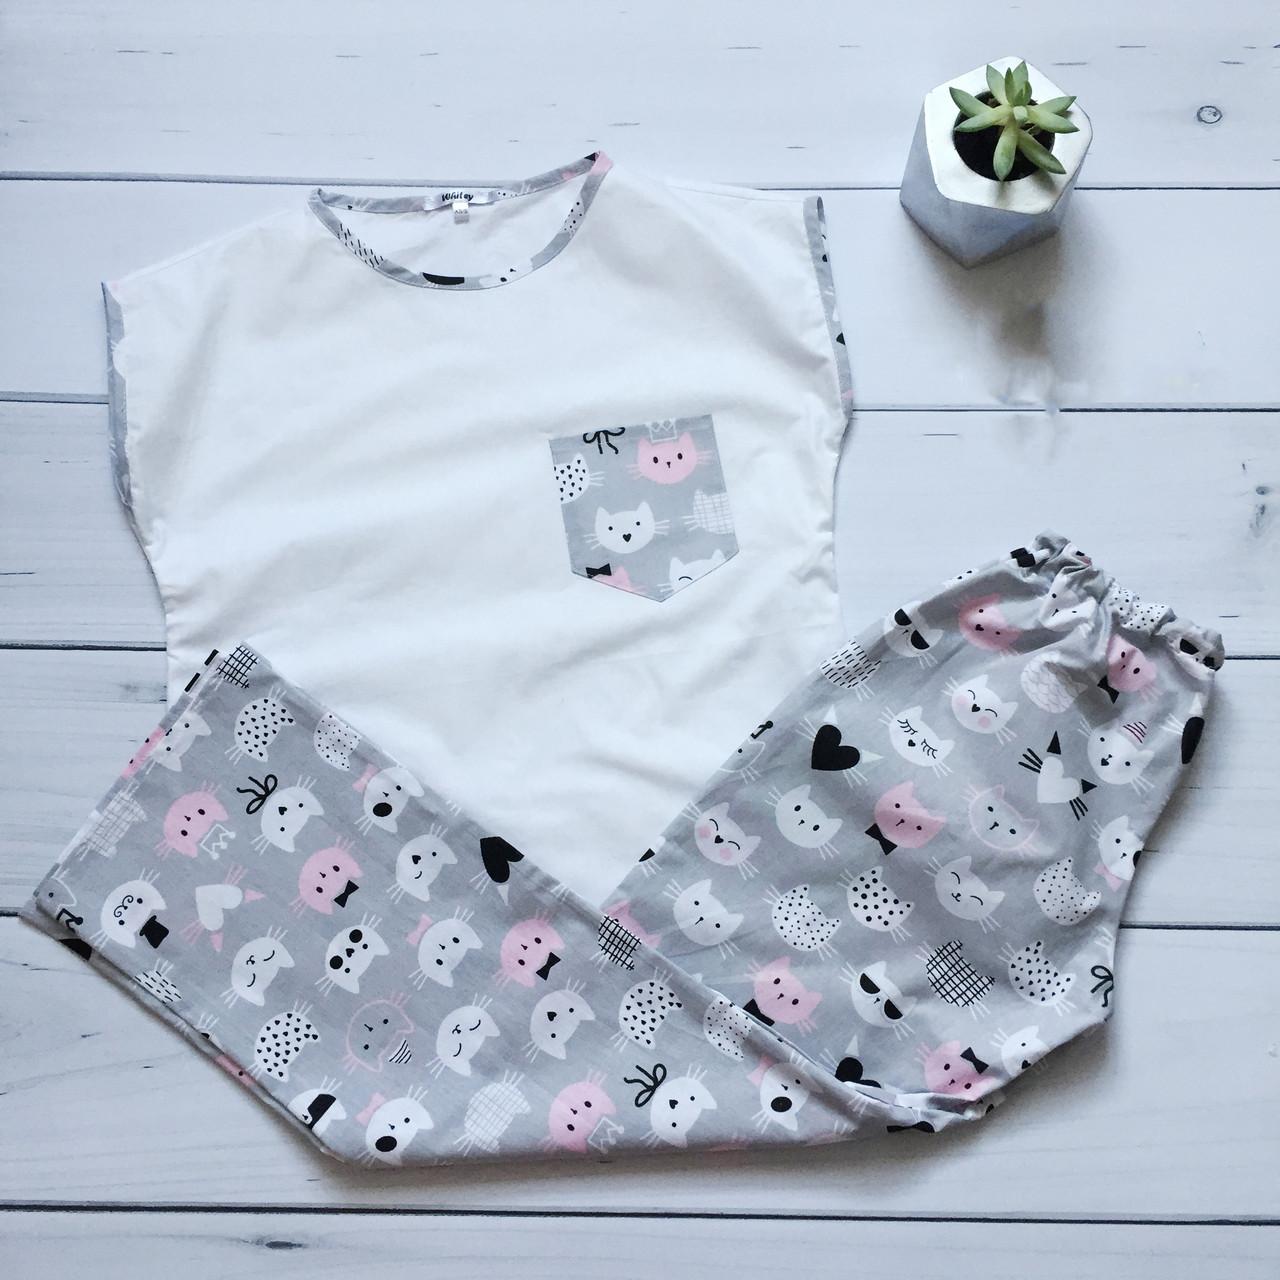 Пижама женская (Штаны и футболка) Кошки, хлопок